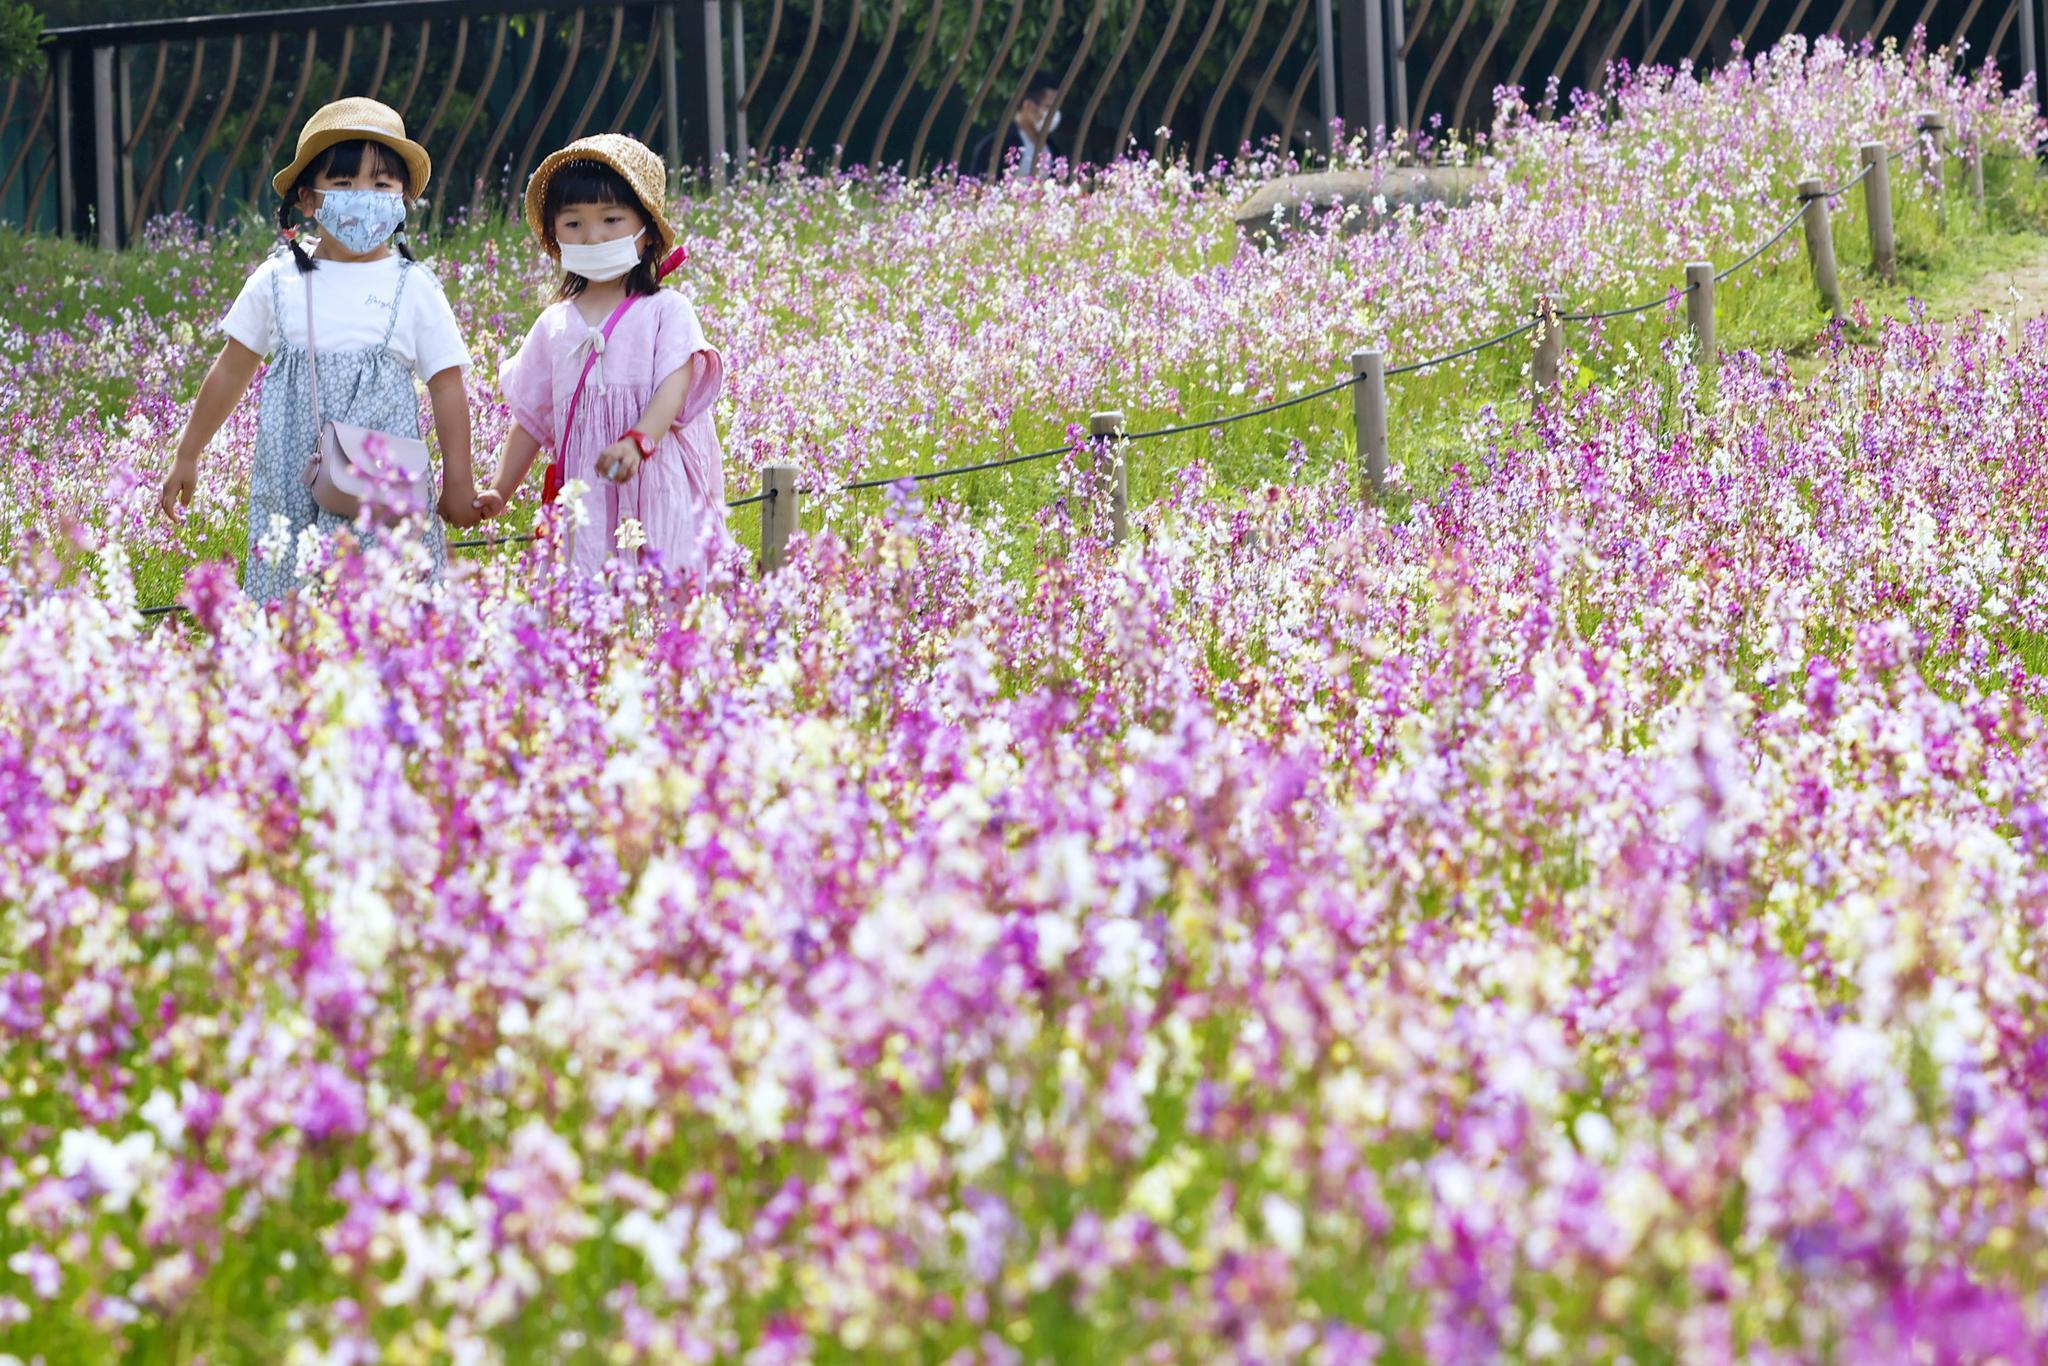 日本2020年新生儿约84万人 创新低